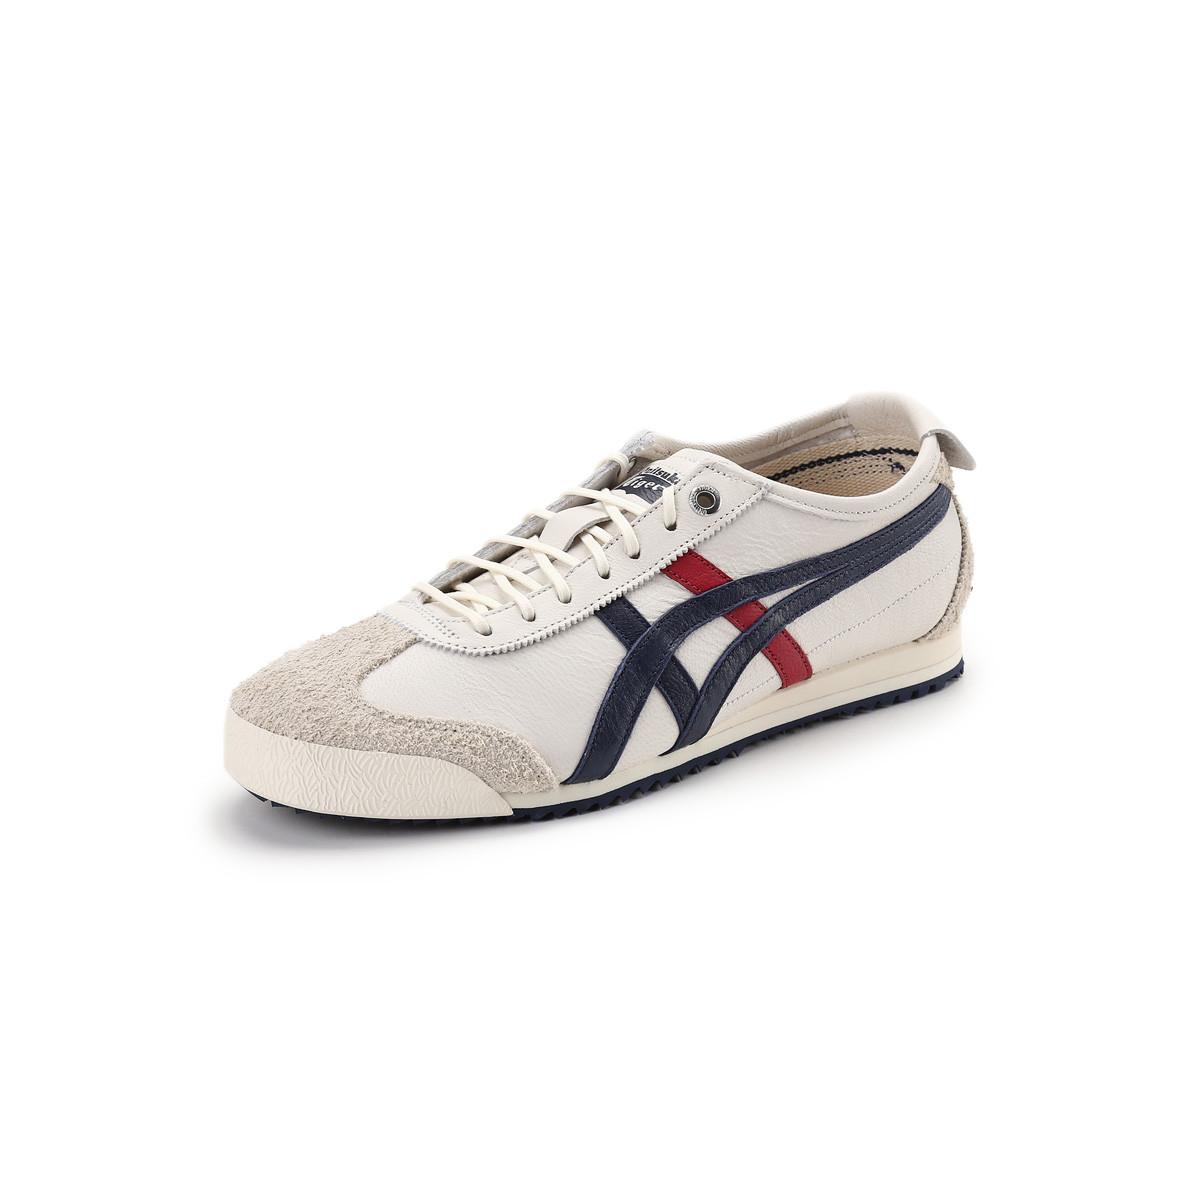 info for e3c76 3603c ONITSUKA TIGERMEXICO 66 SD 男女款运动鞋1183A036-101_唯品会